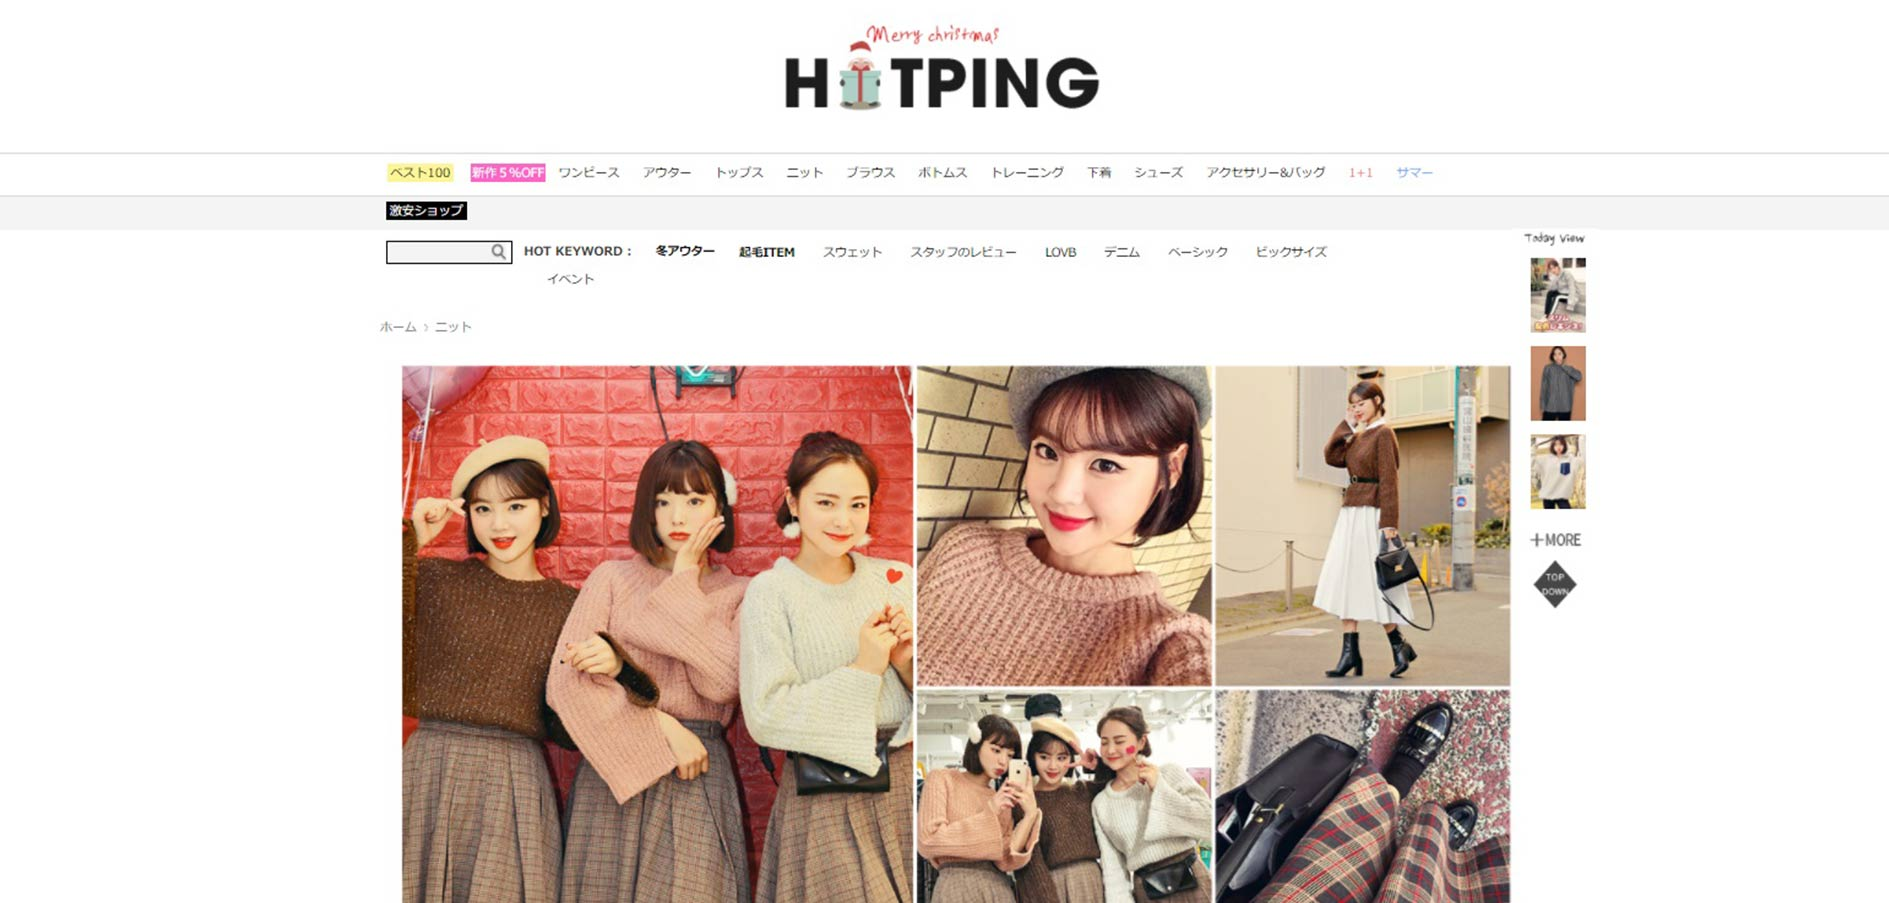 30代におすすめな韓国ファッション通販サイトのHOT PING(ホッピング)